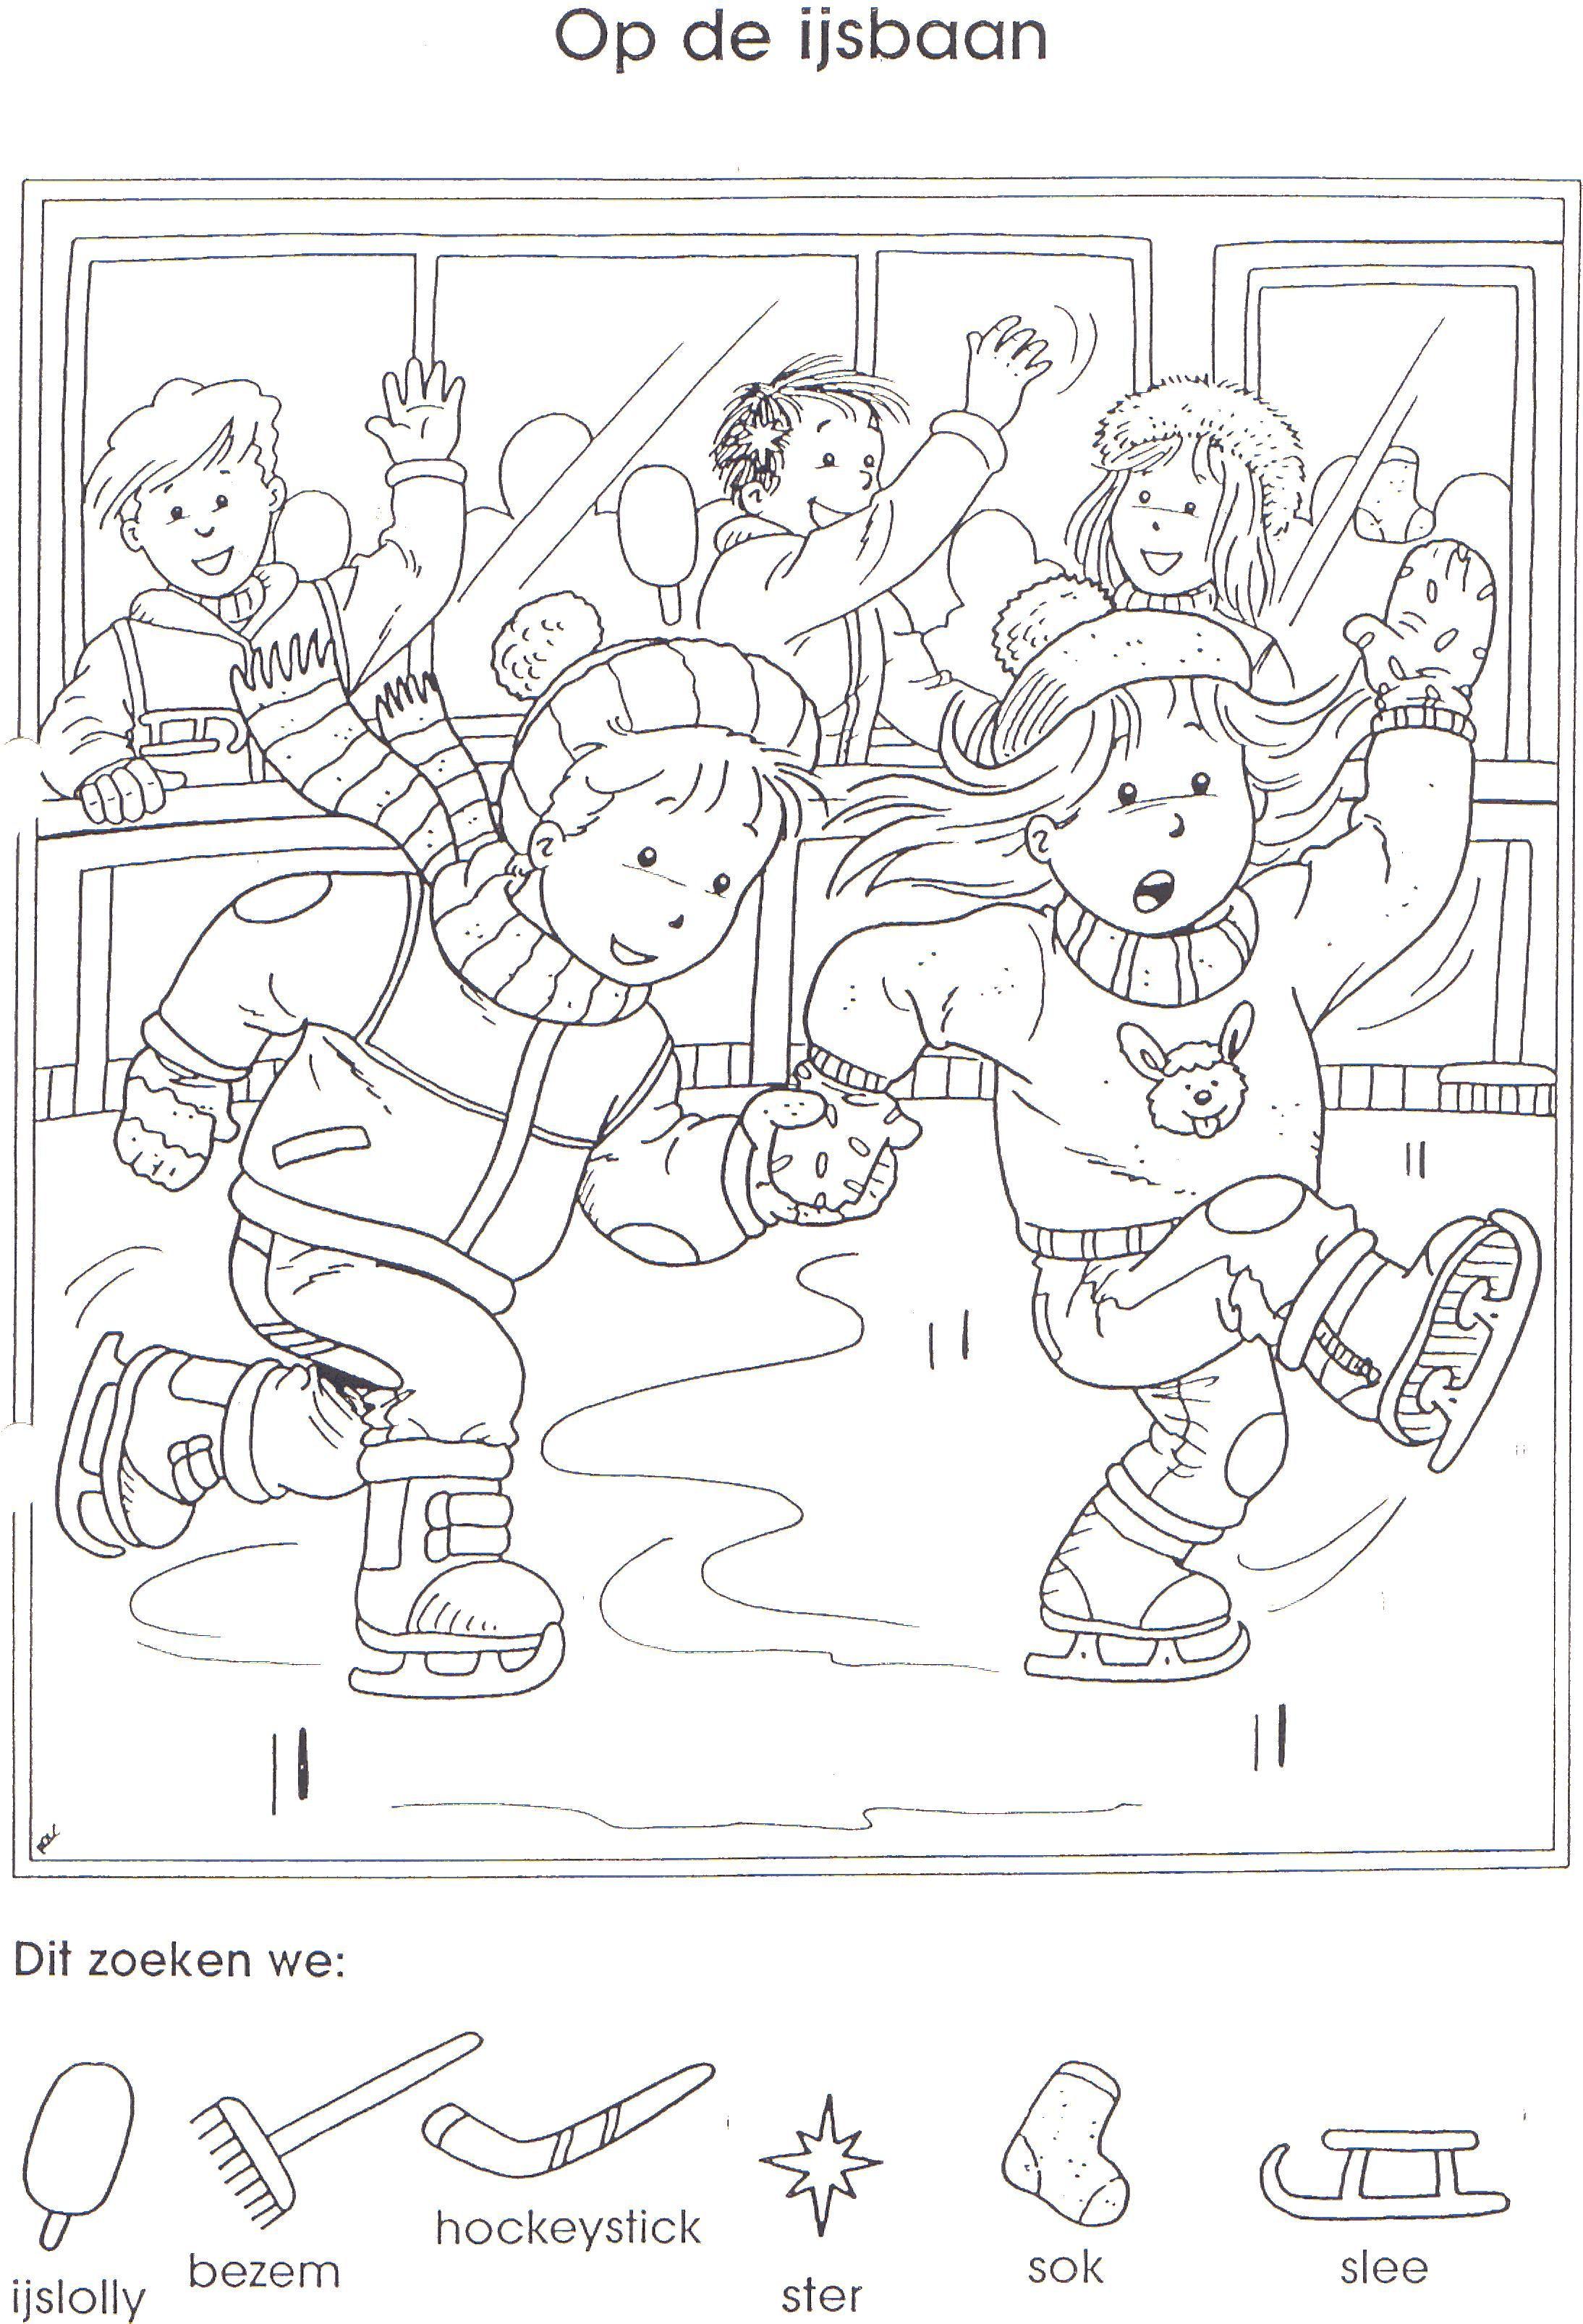 Coloriage Magique Coloriage Enfant Activités Cognitives Activité Hiver Dessin Noel Olympique Orthophonie Dessins Enfants Garderie